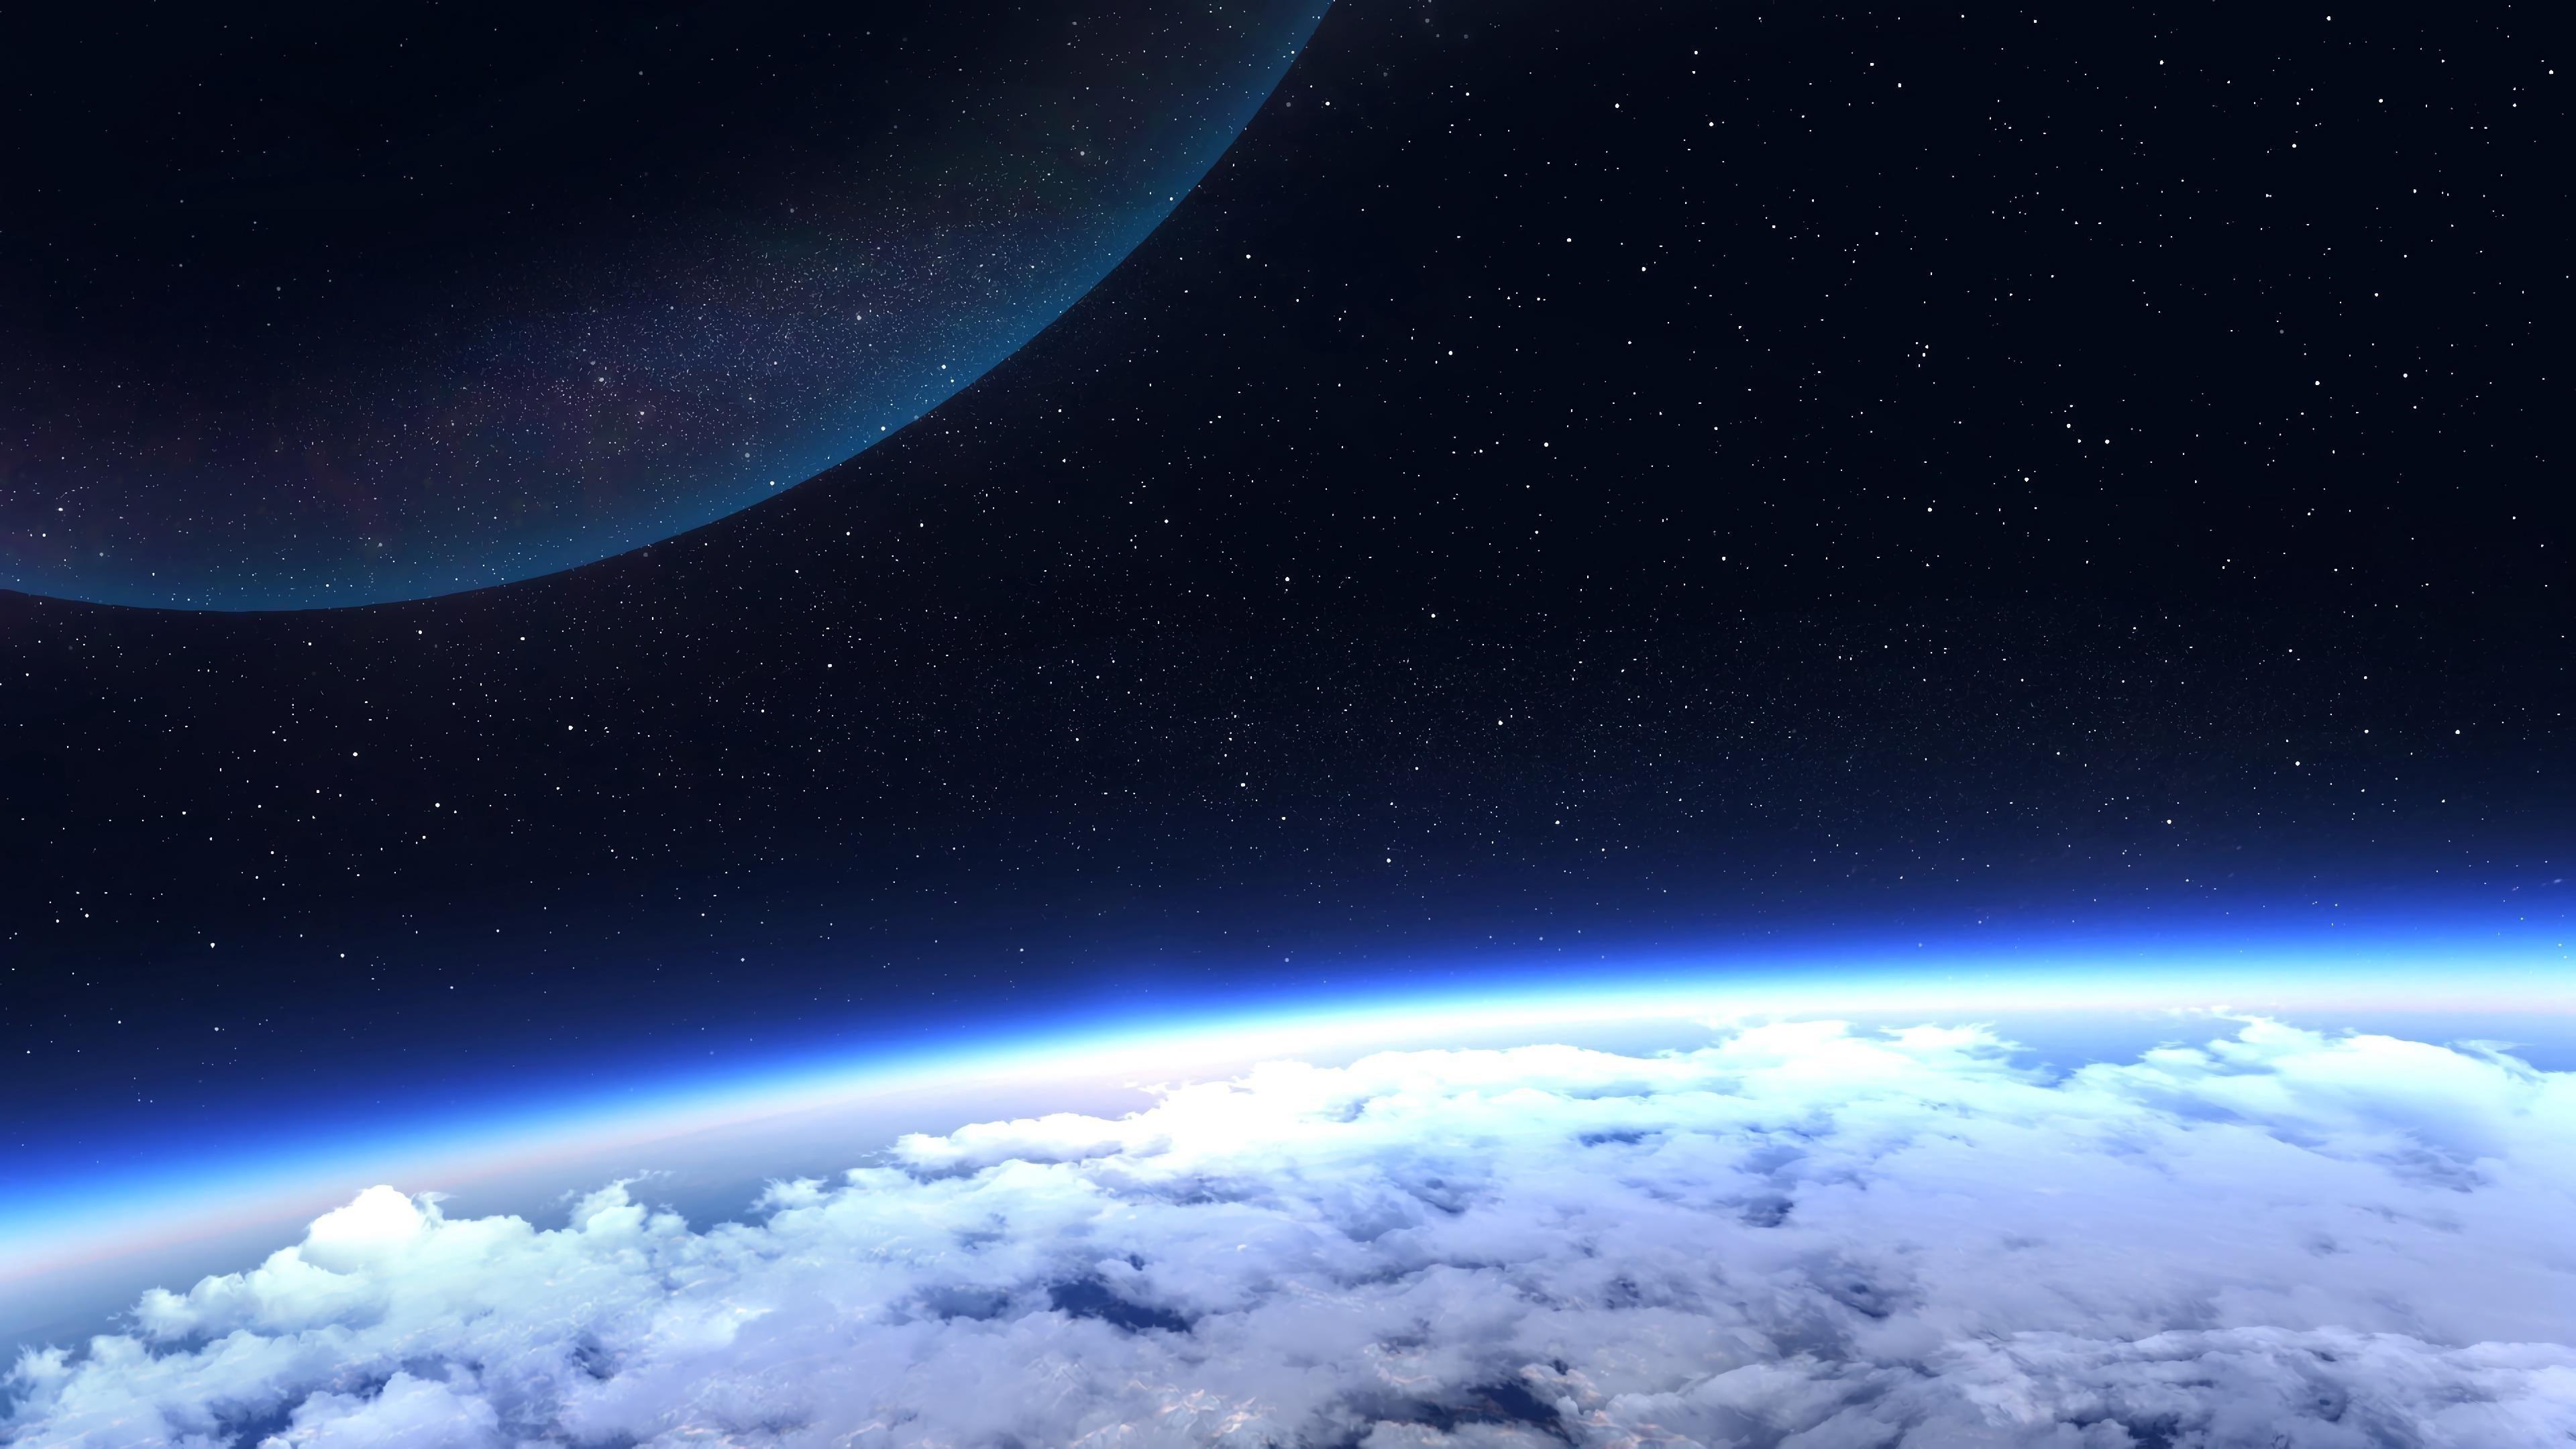 Космическое пространство обои скачать